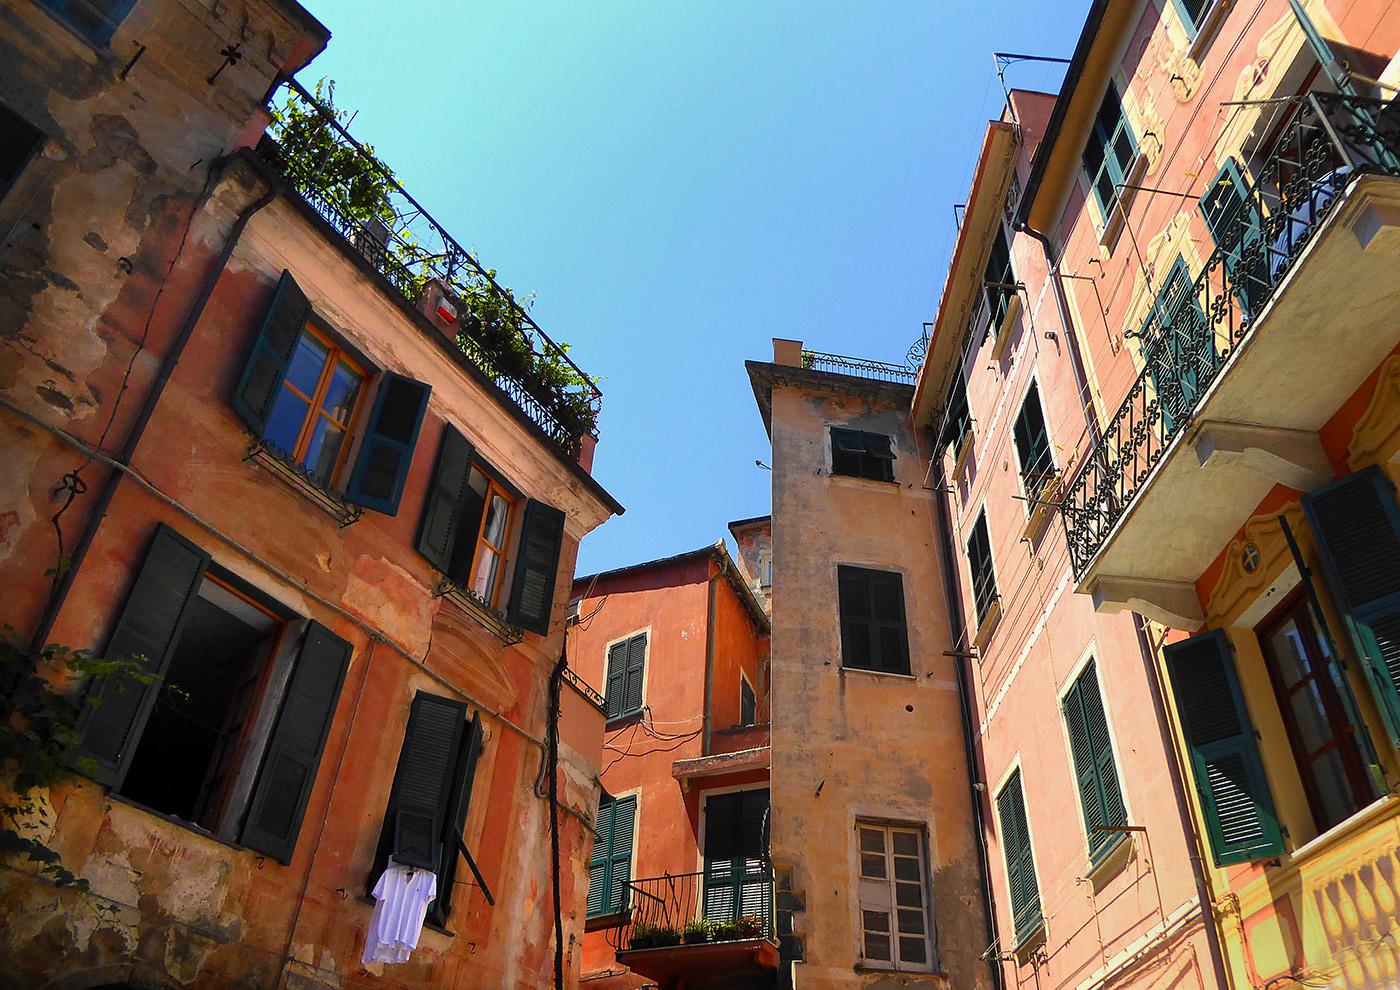 45_Italian street scene_Linda Oliver